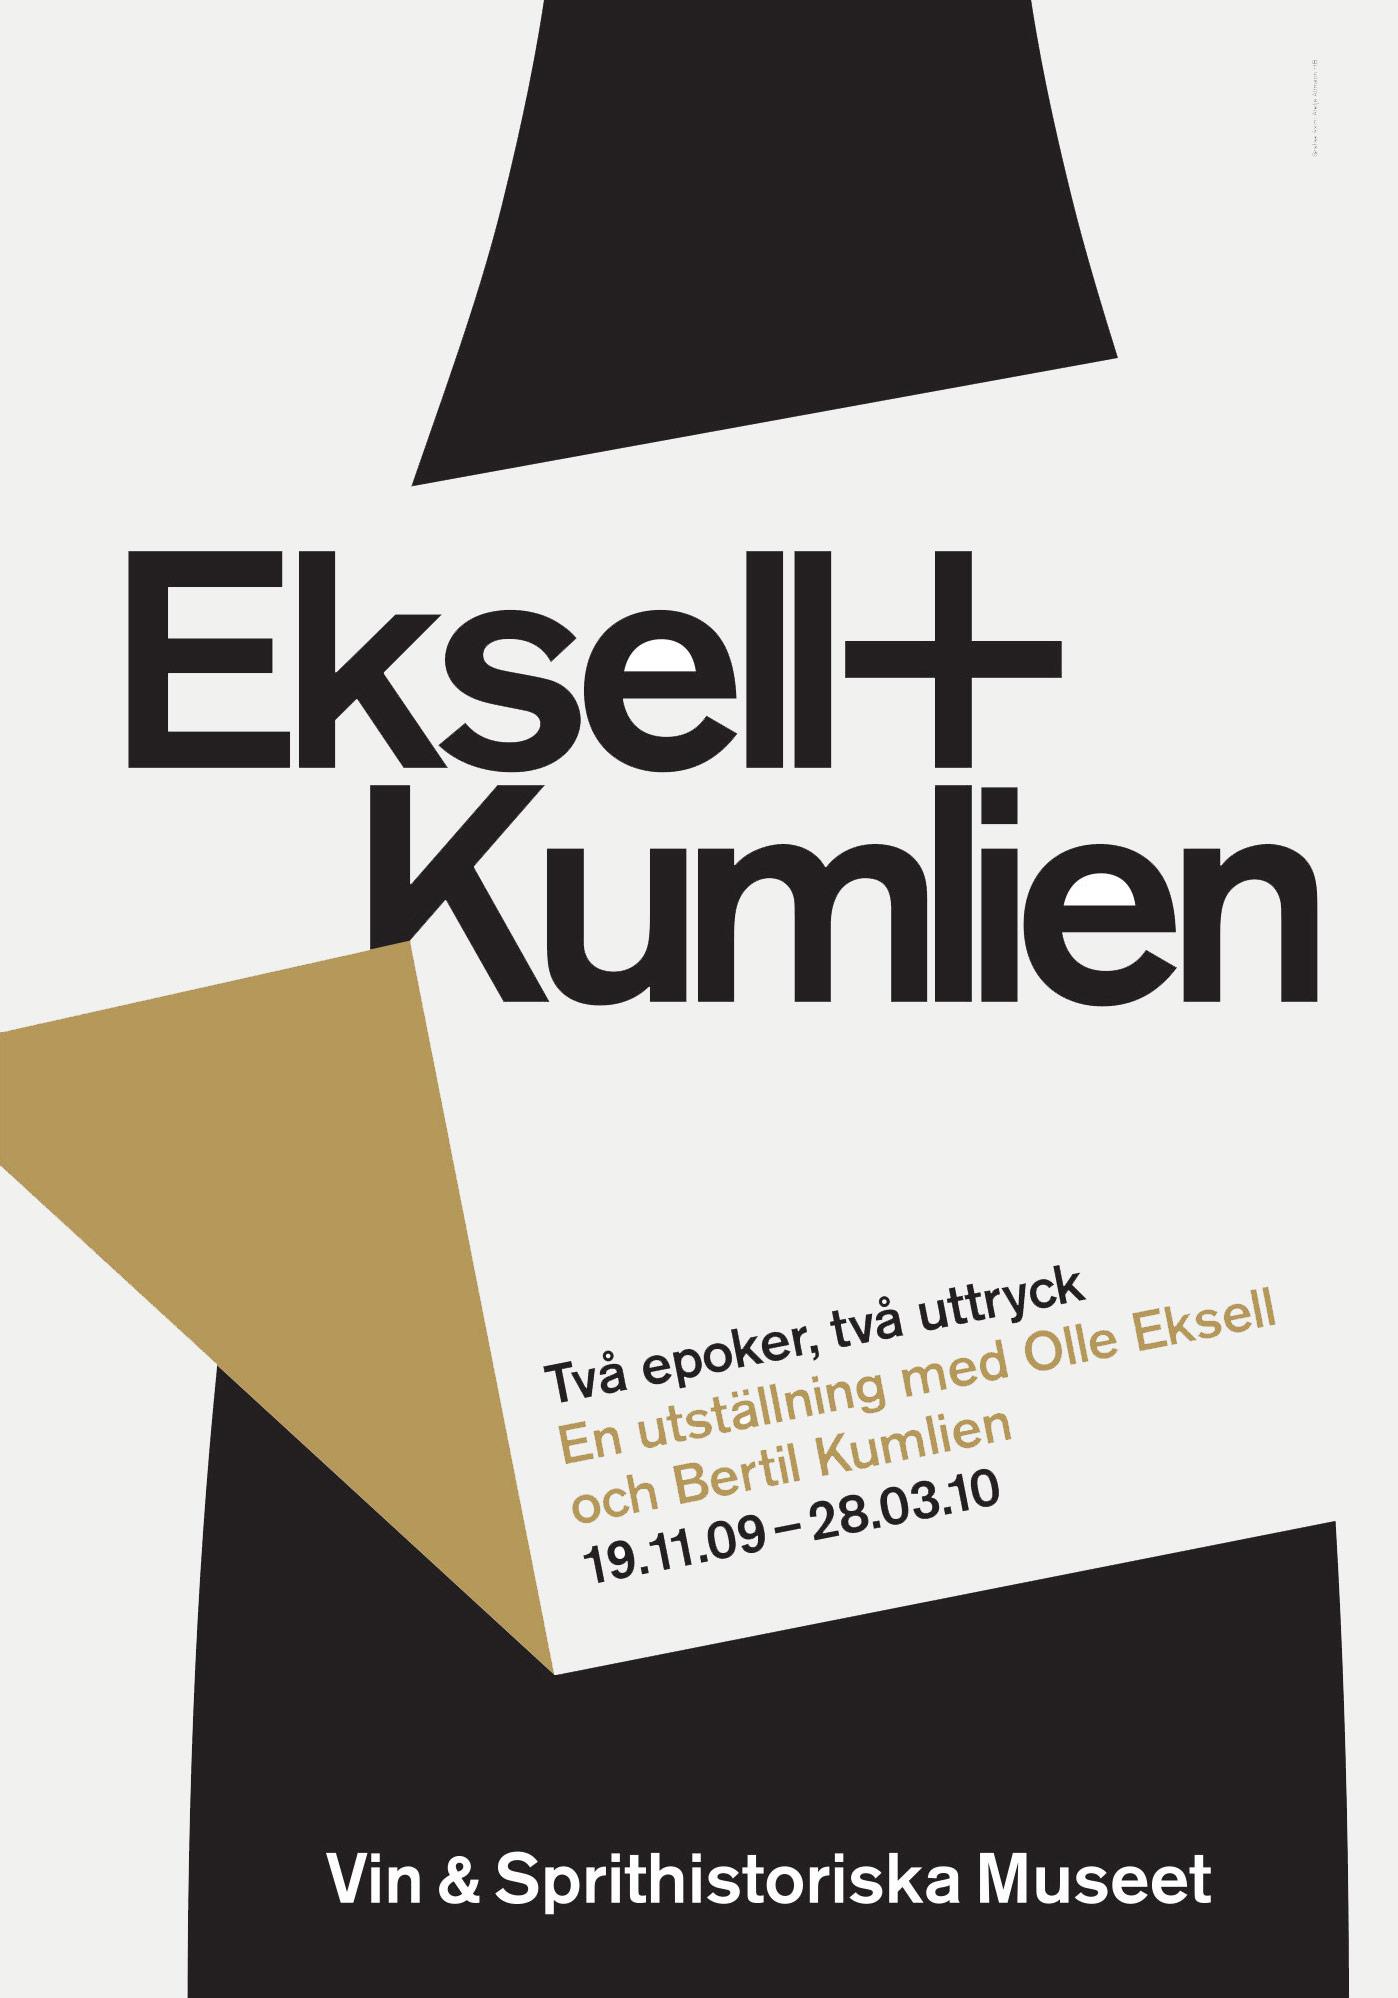 https://www.datocms-assets.com/10318/1567589982-eksell-kumlien-poster.jpg